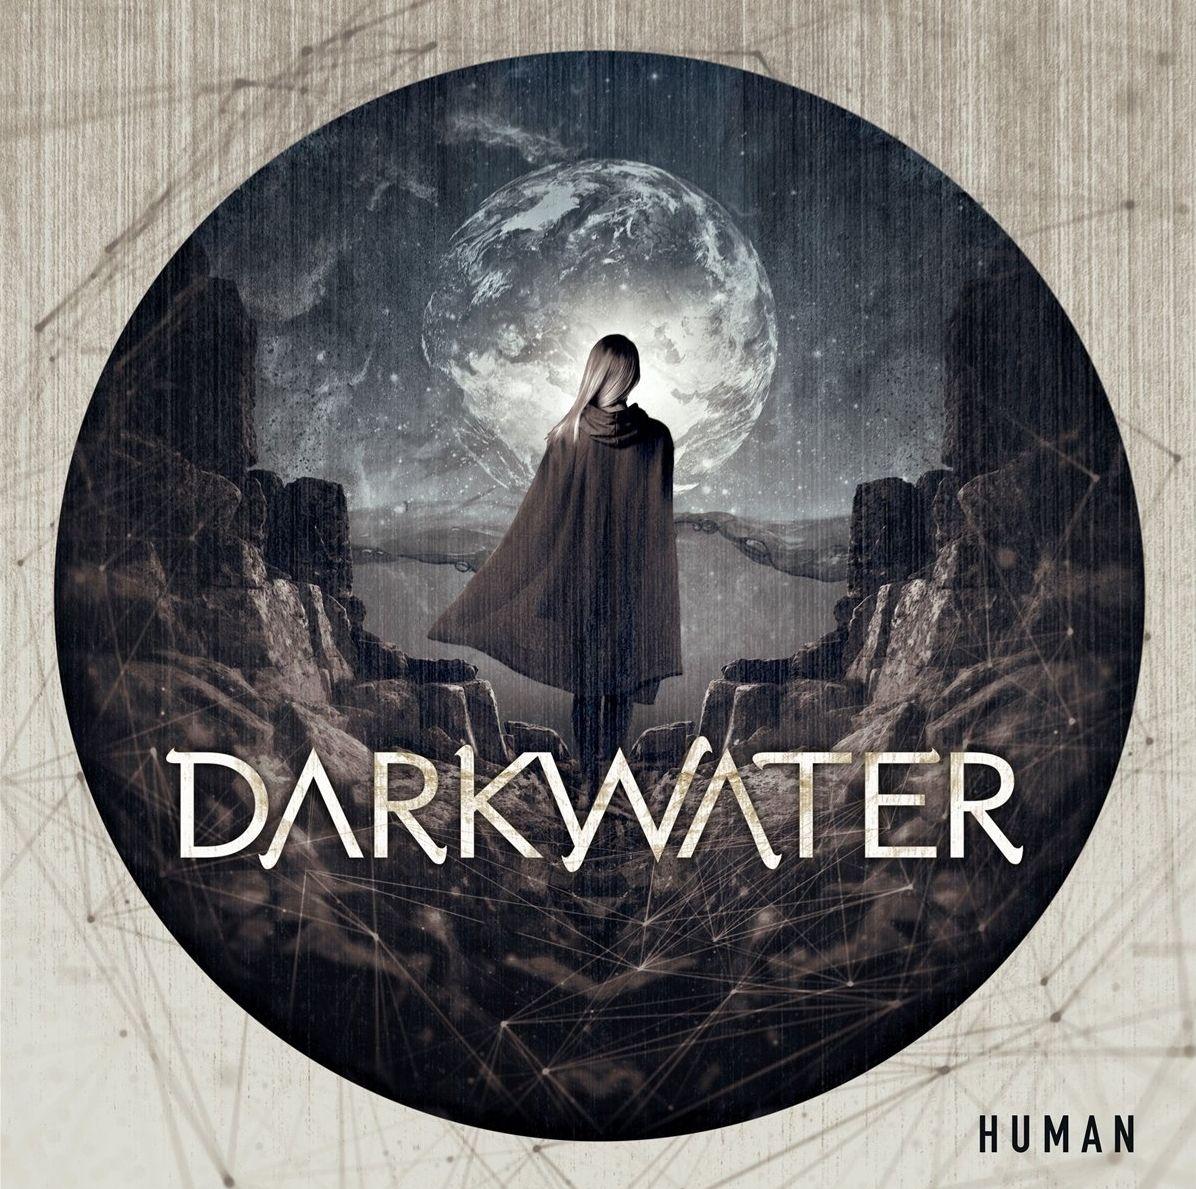 darkwater human